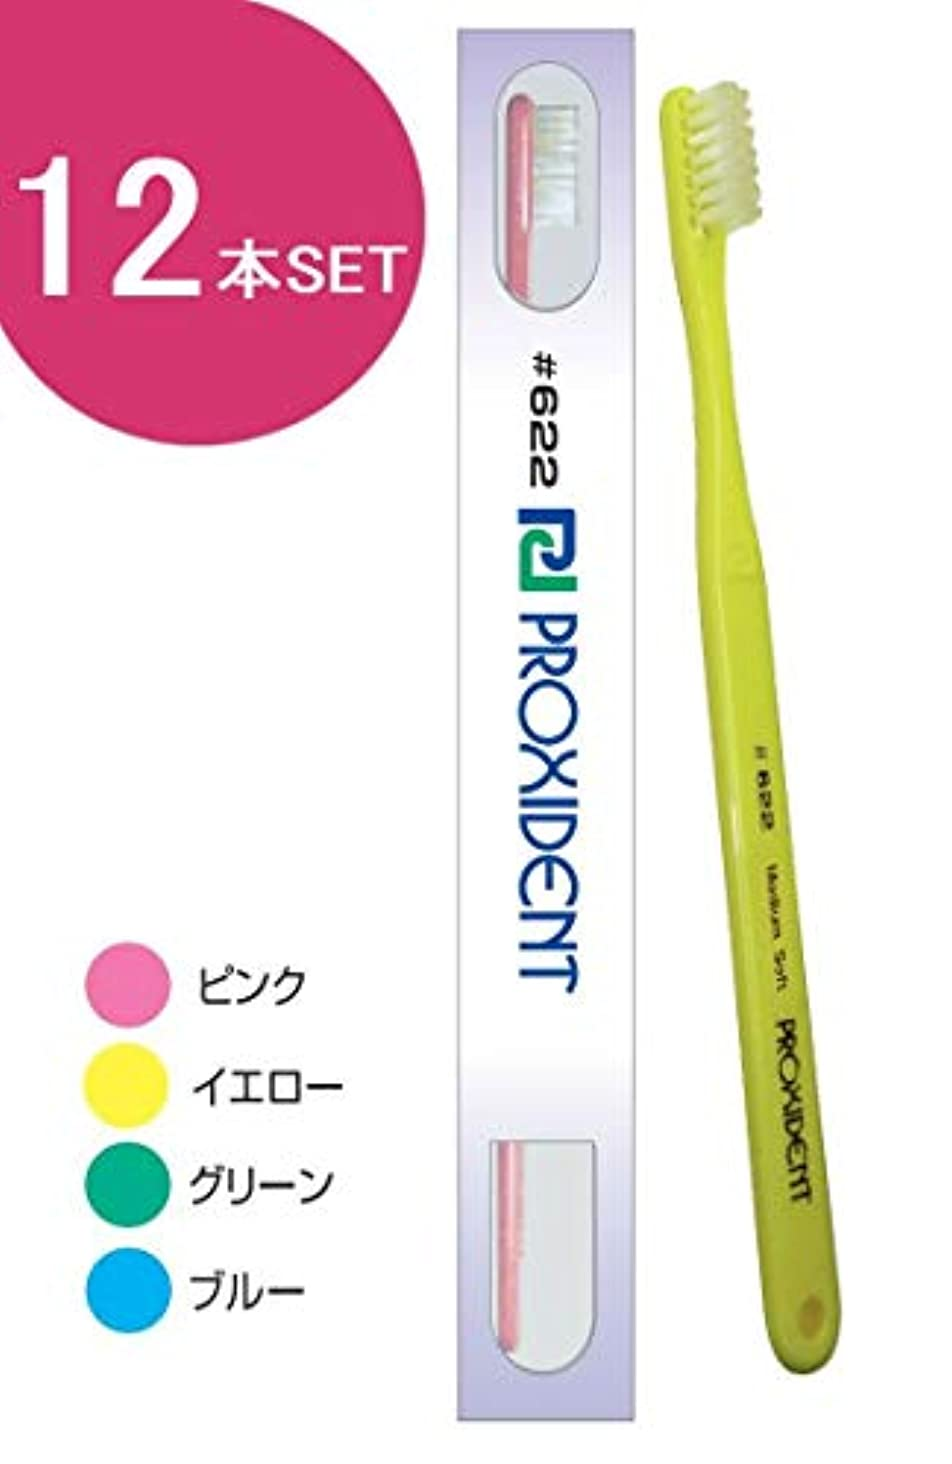 逆書士把握プローデント プロキシデント コンパクトヘッド MS(ミディアムソフト) 歯ブラシ #622 (12本)